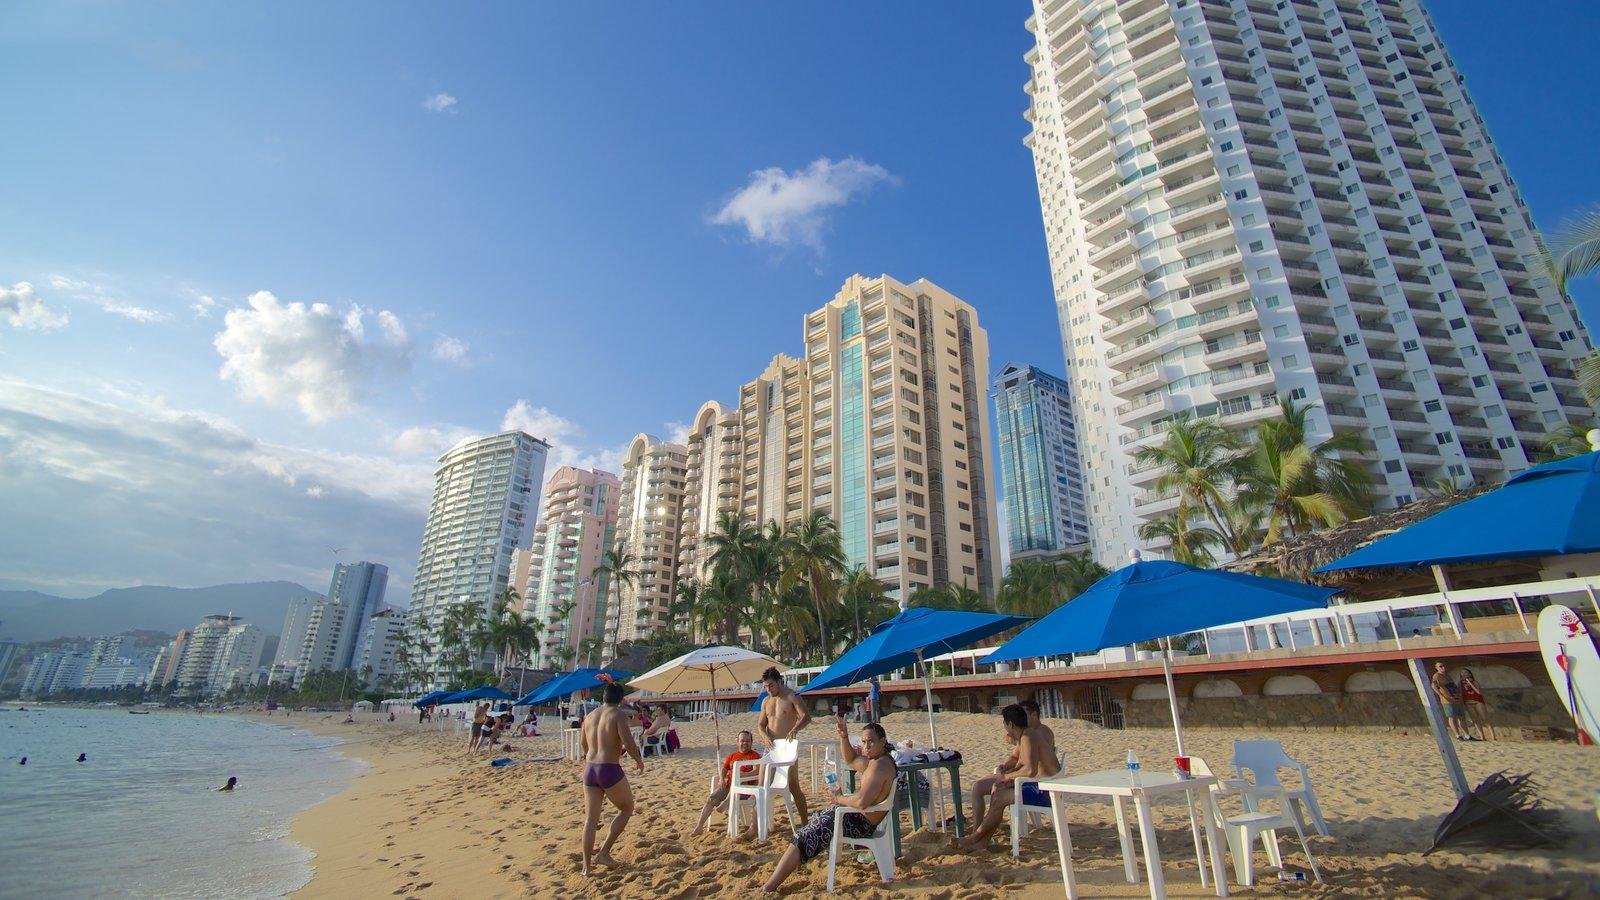 Playa Icacos ofreciendo una playa de arena, una ciudad costera y una ciudad